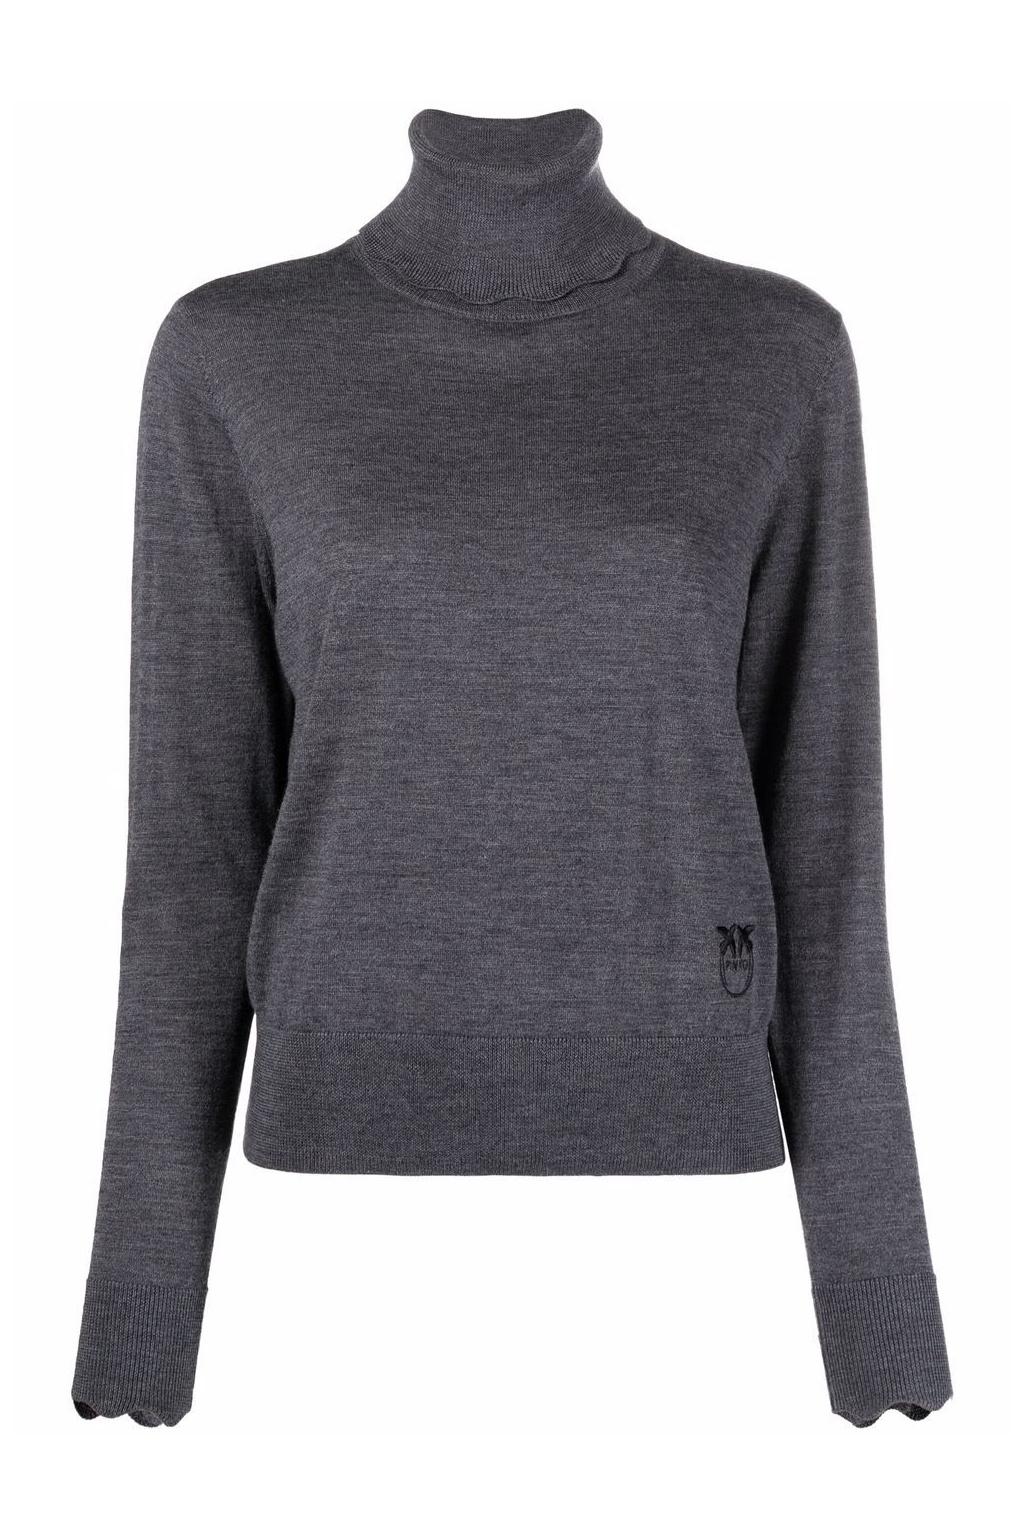 Dámský svetr Pinko Biancolella šedý